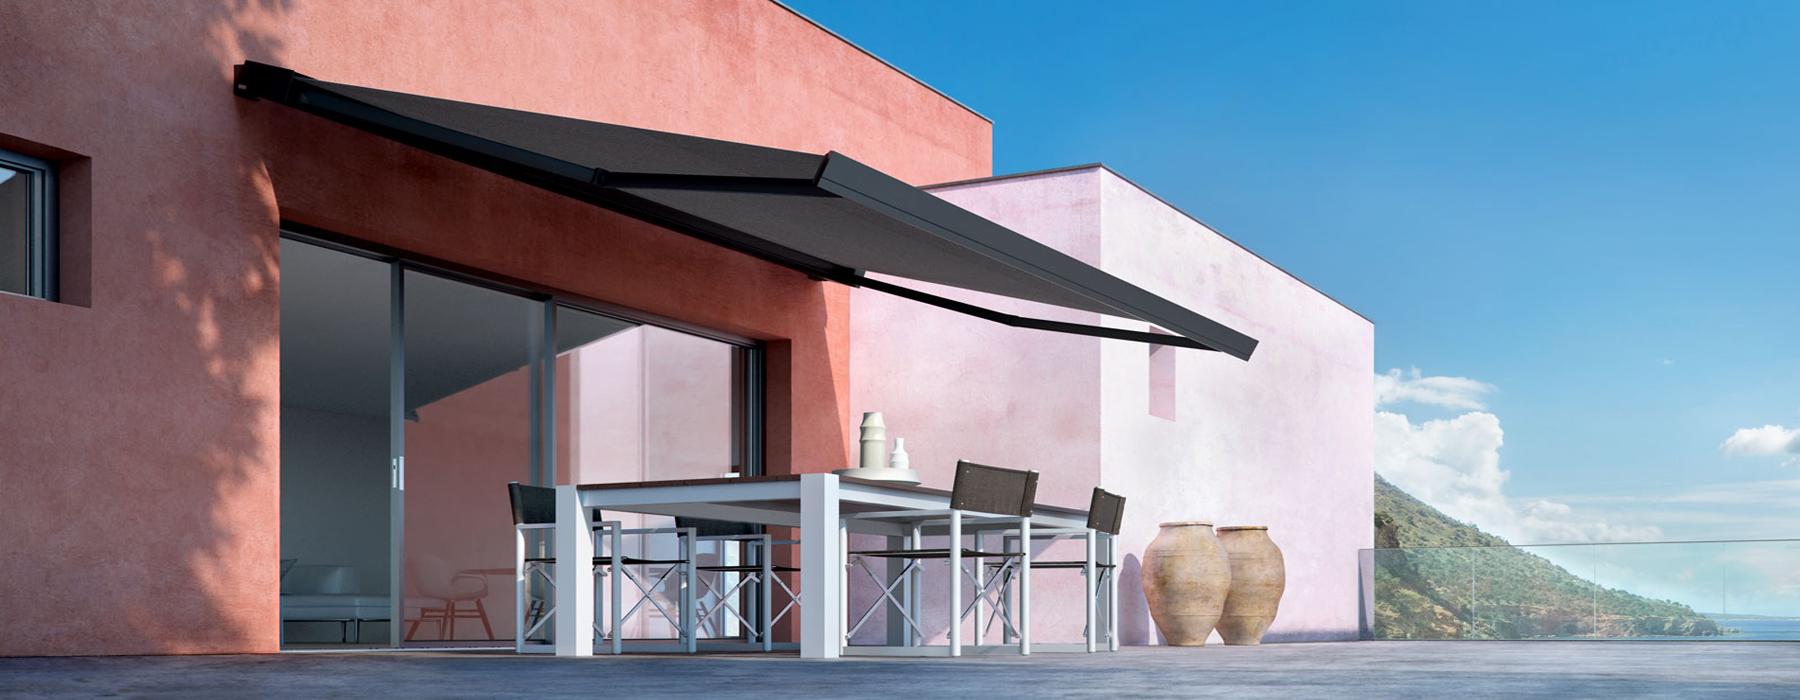 Tende da sole per balconi tende da sole verona for Tende da sole velux